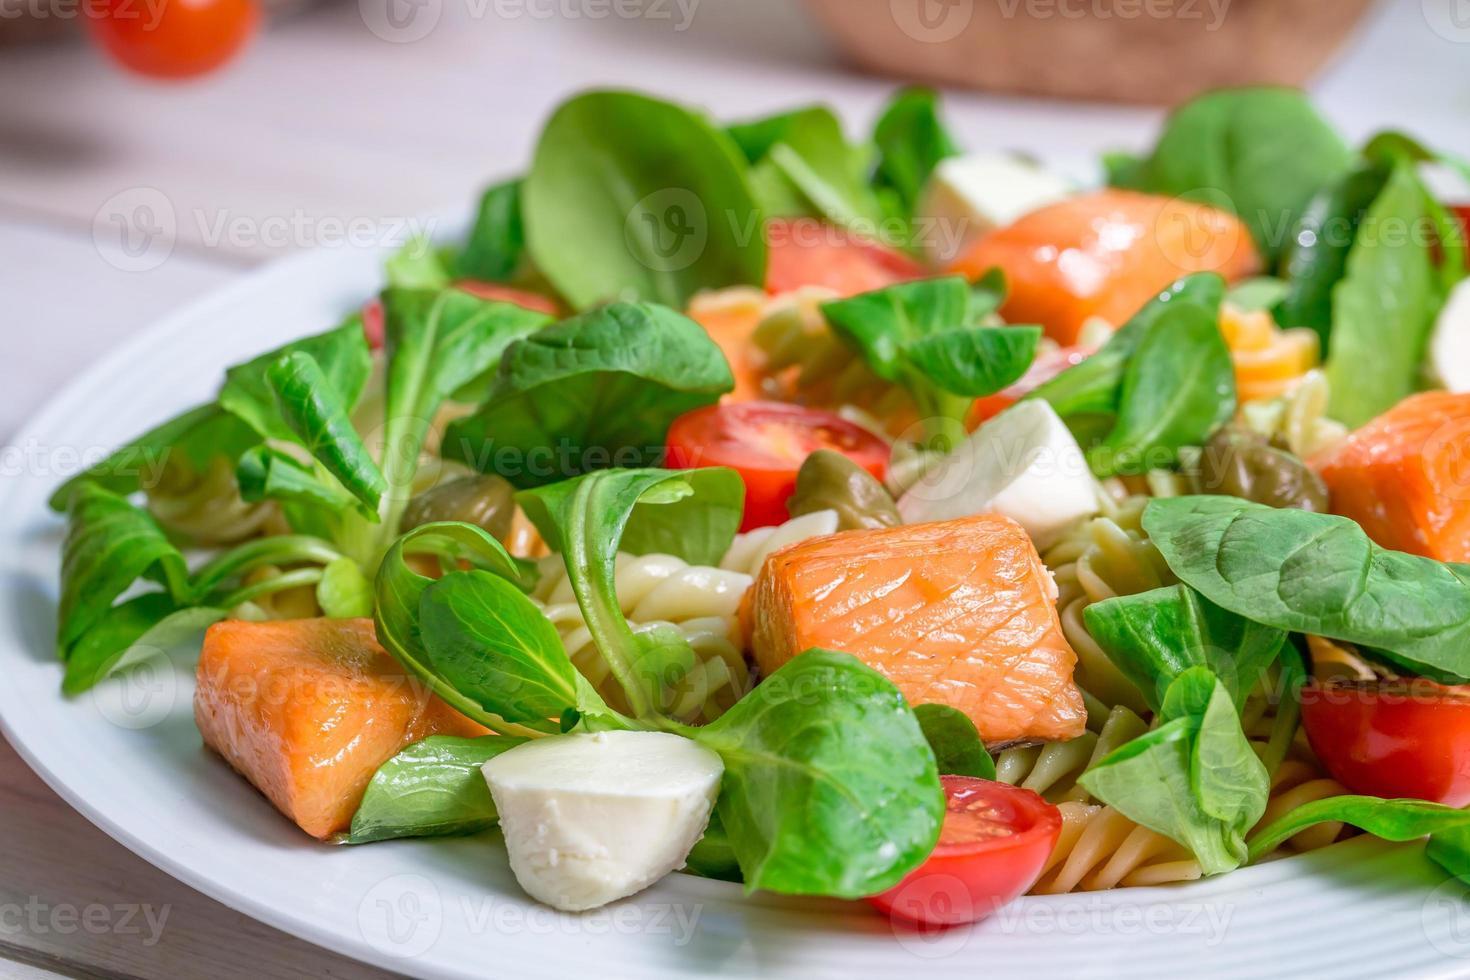 primo piano di salmone con verdure e lattuga foto